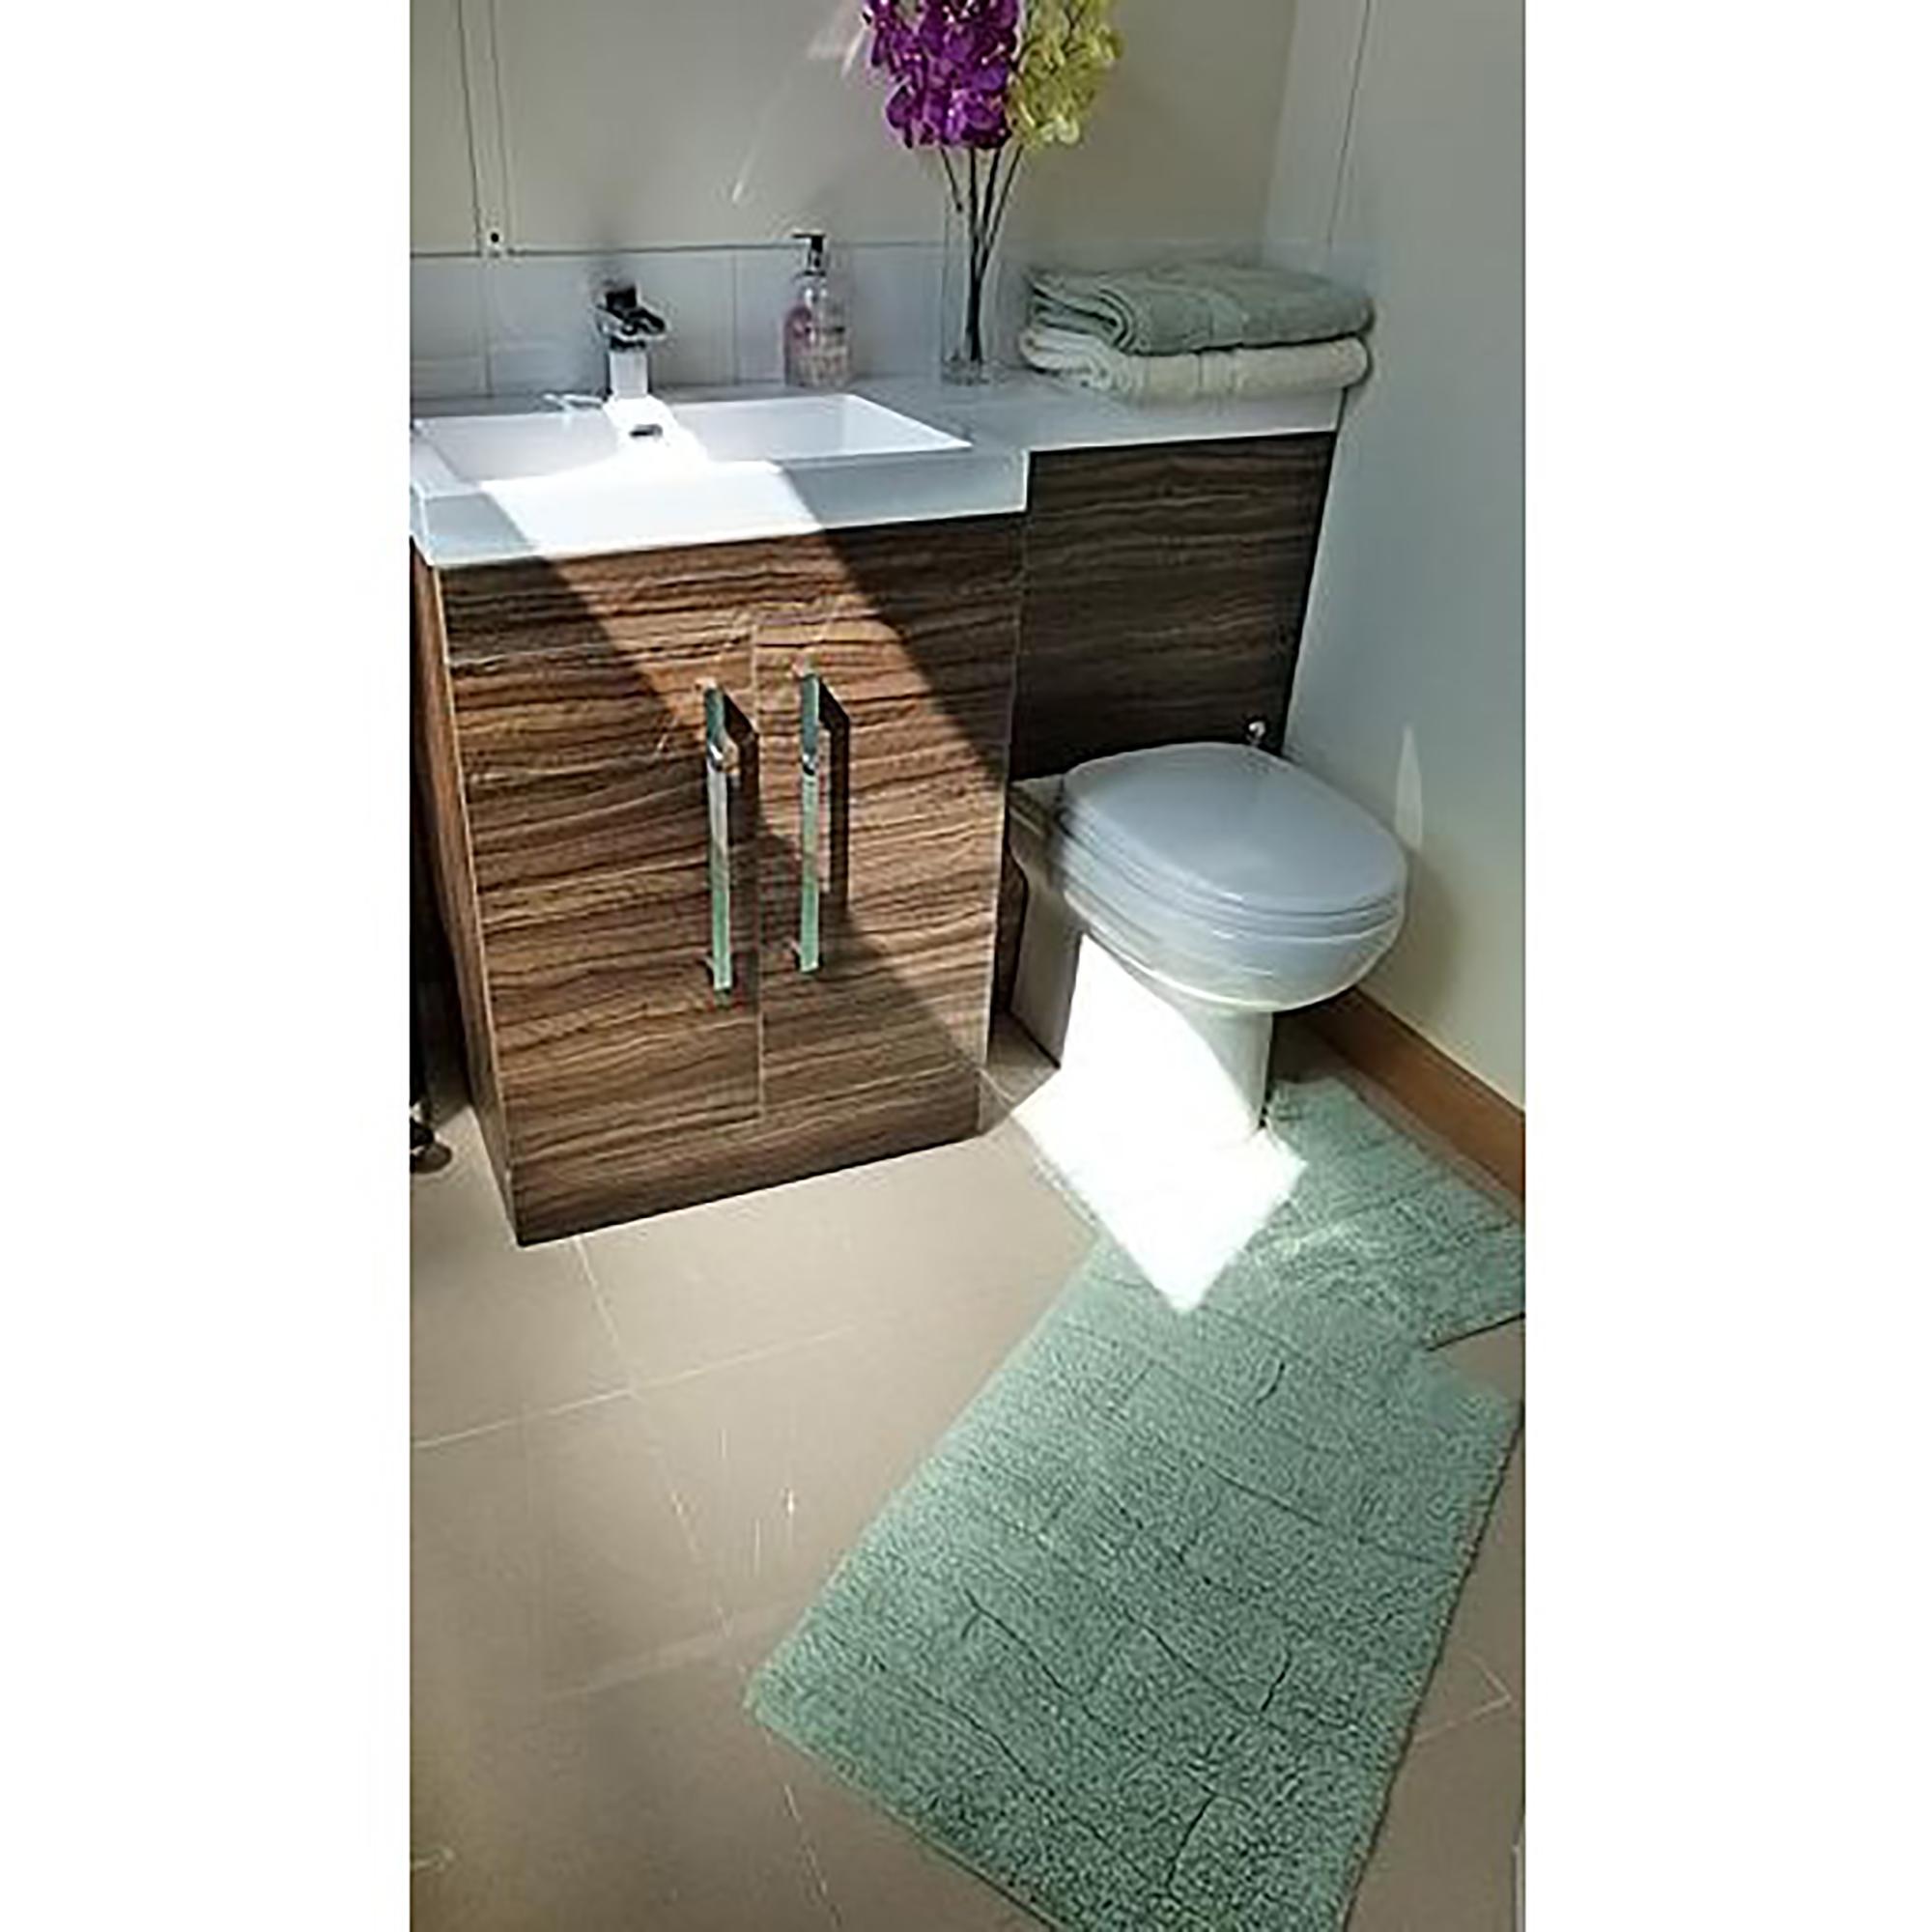 Tappeti bagno moderni amazon finest nuovo tappeti bagno zucchi le migliori idee per la casa re - Amazon tappeti bagno ...